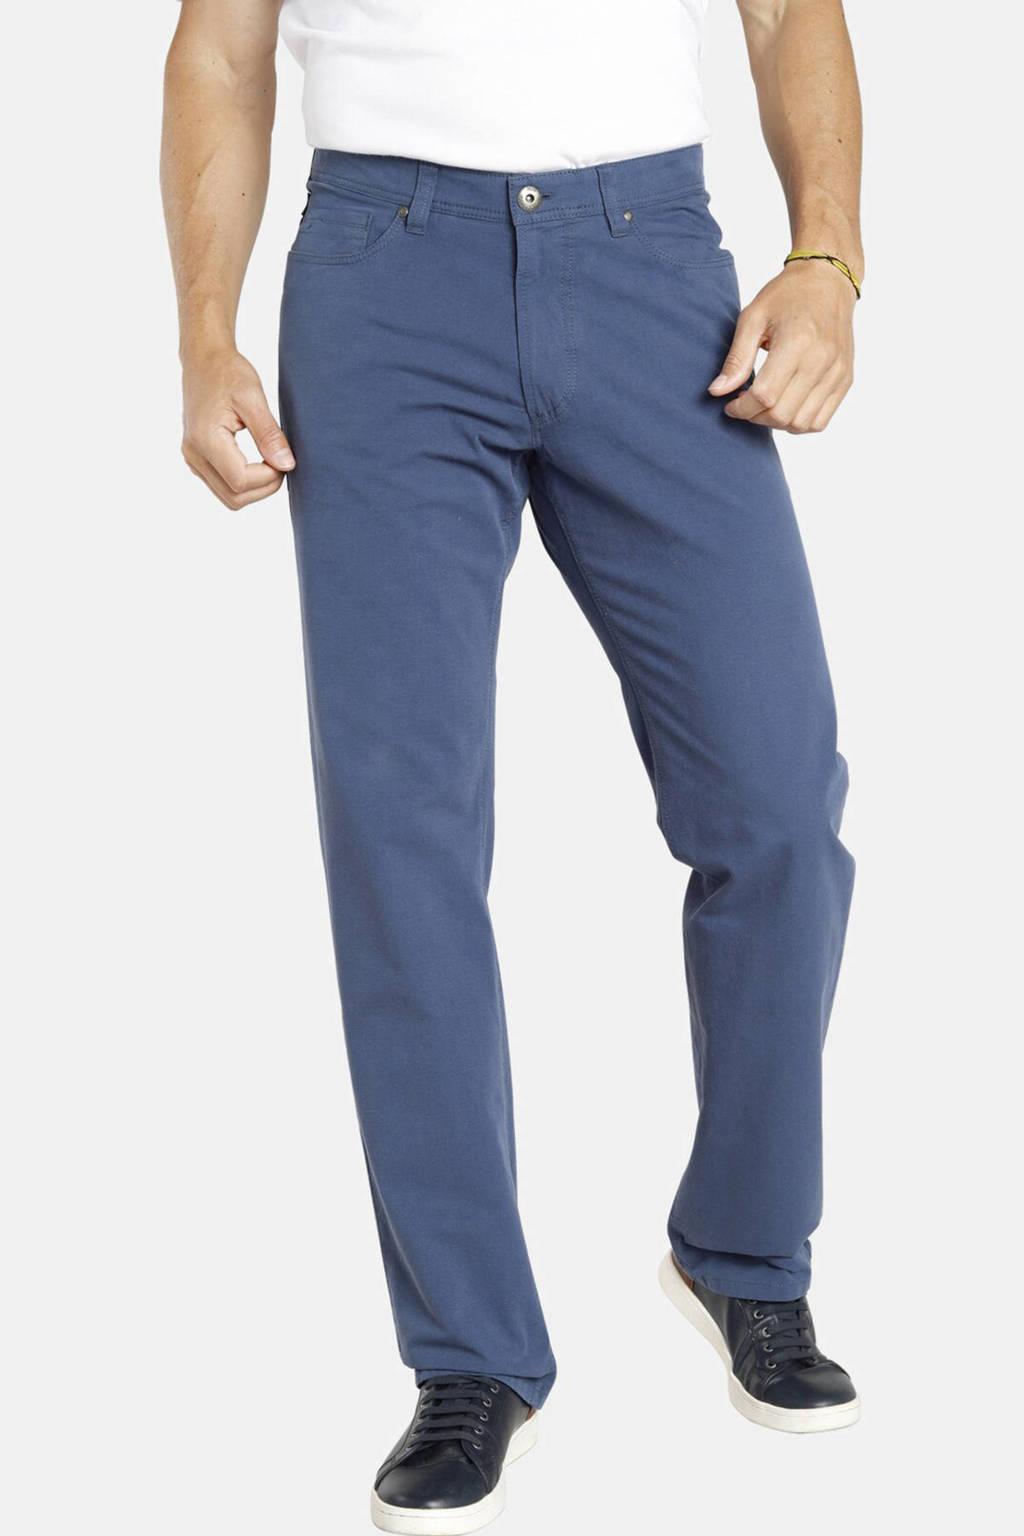 Jan Vanderstorm loose fit broek TJORE Plus Size blauw, Blauw